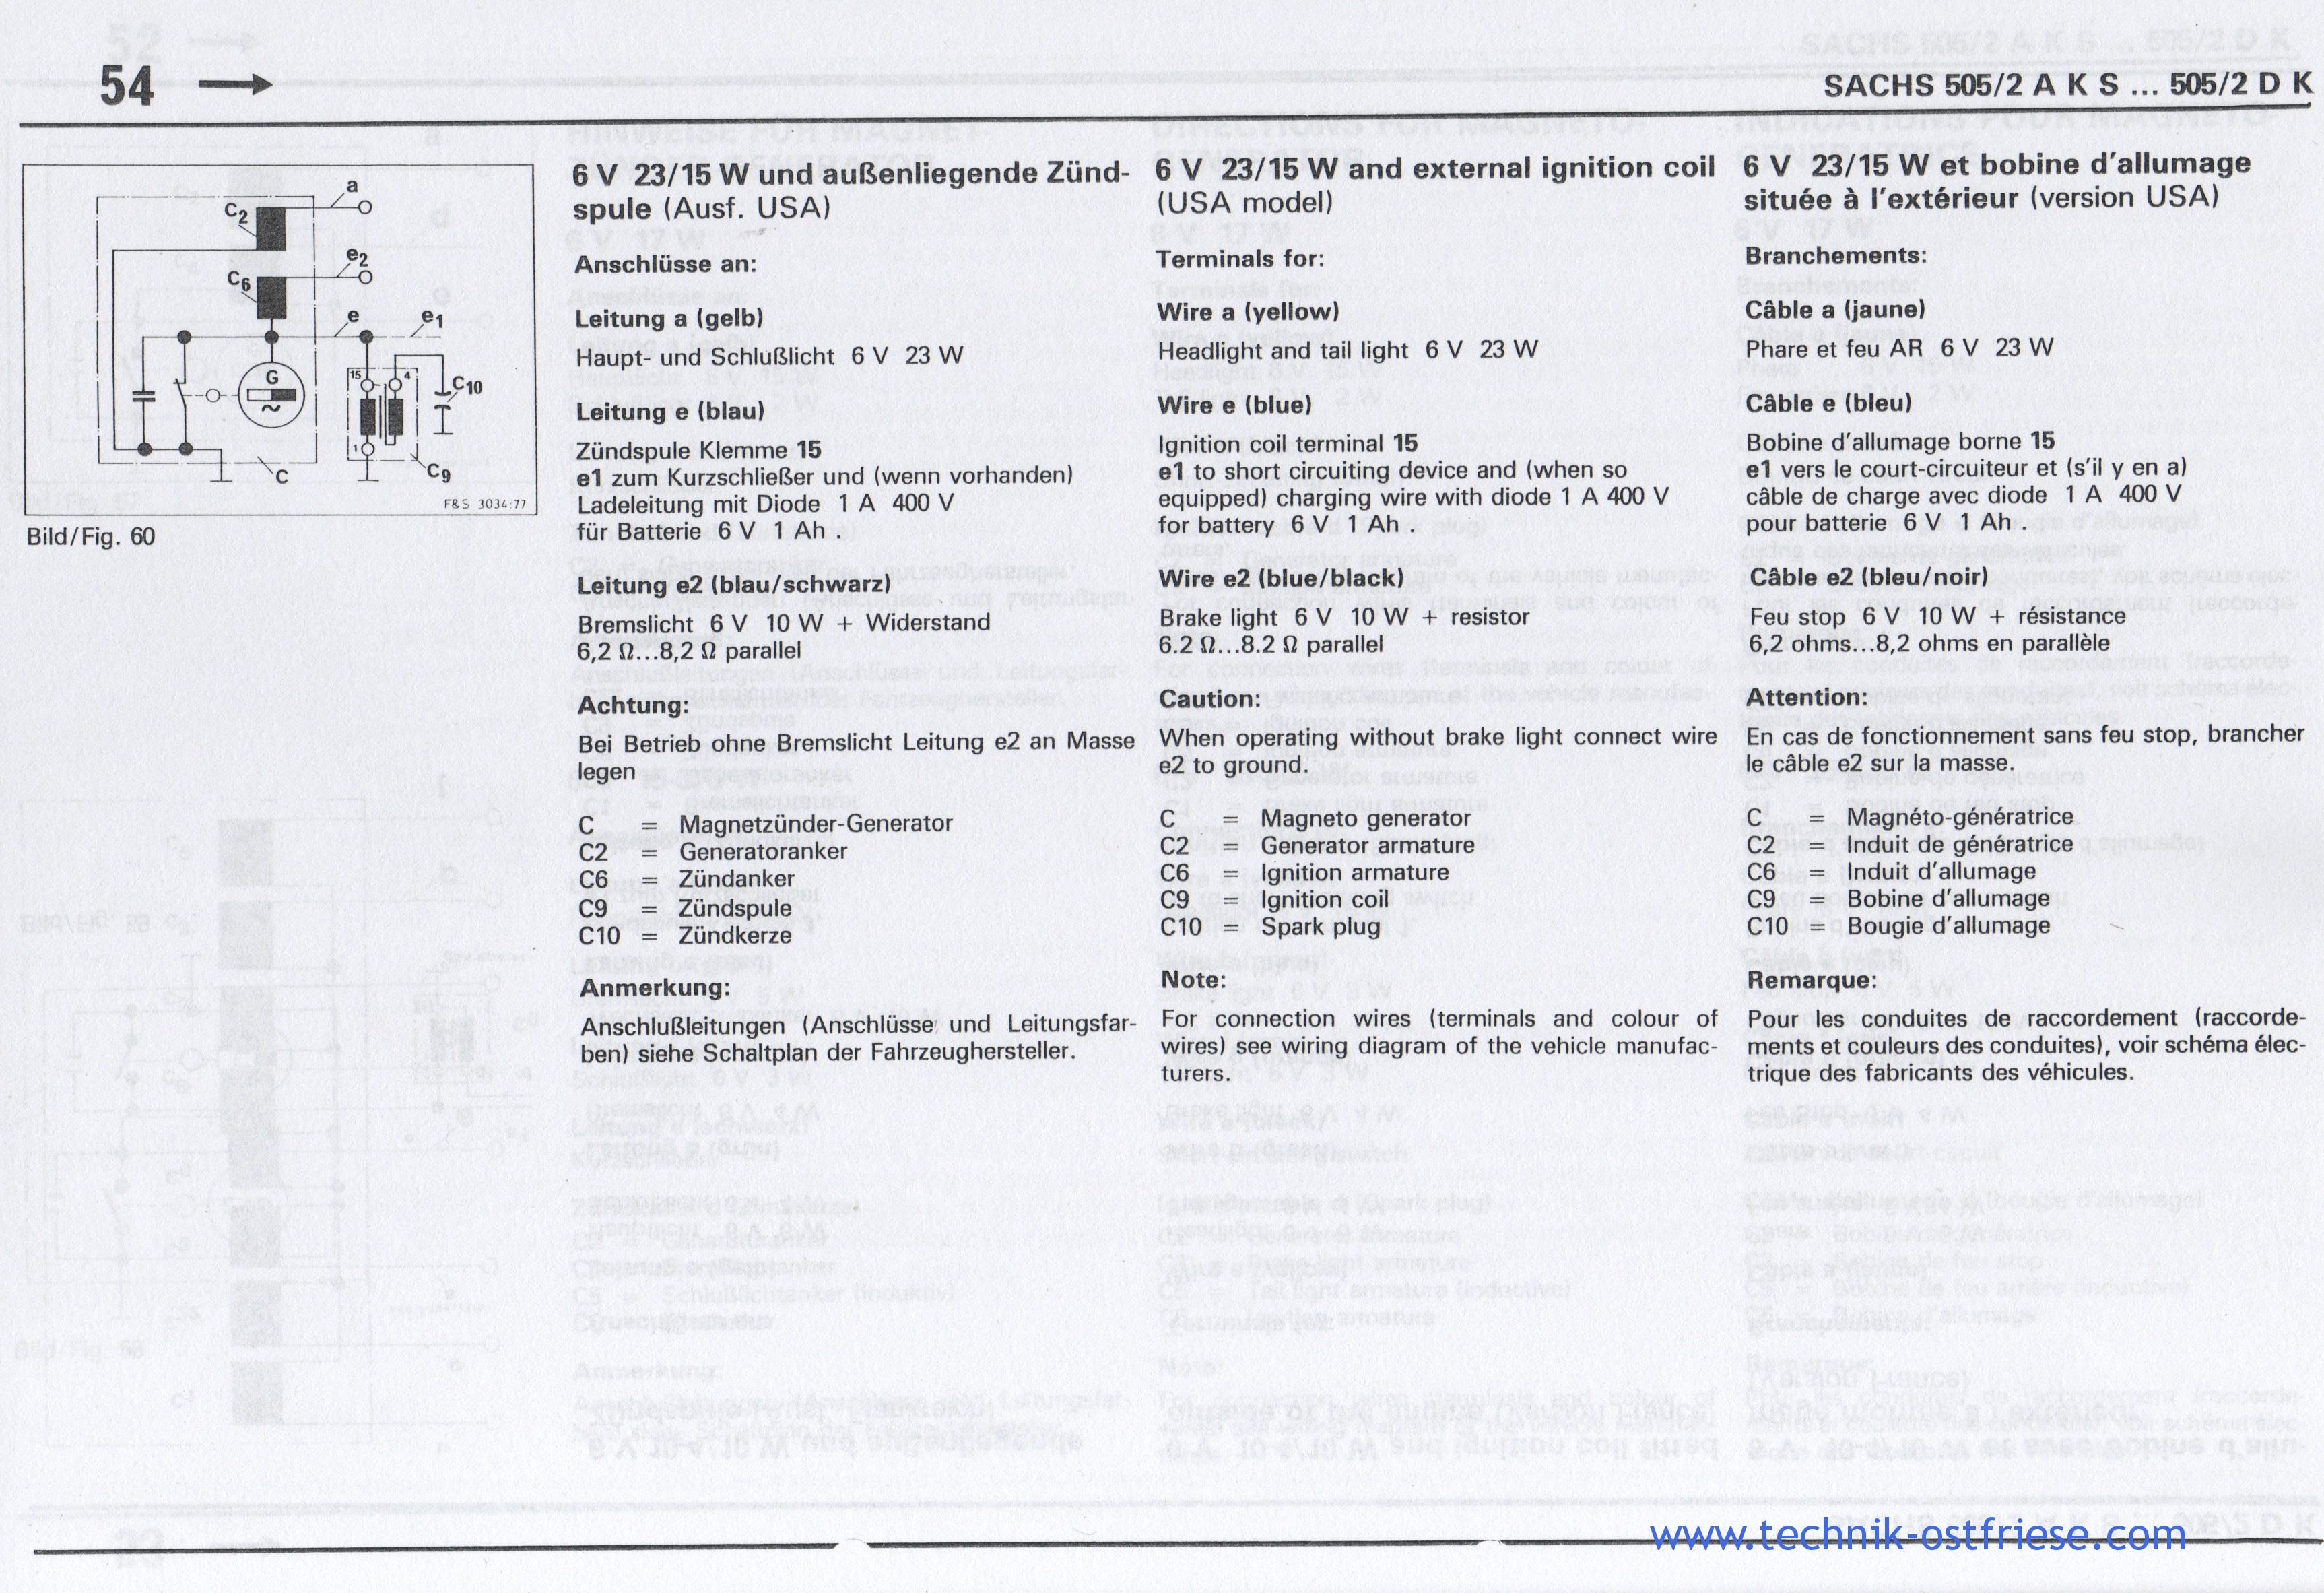 SACHS 505/2 Motor | 6V 23/15W Zündung (außenliegende Zündspule)